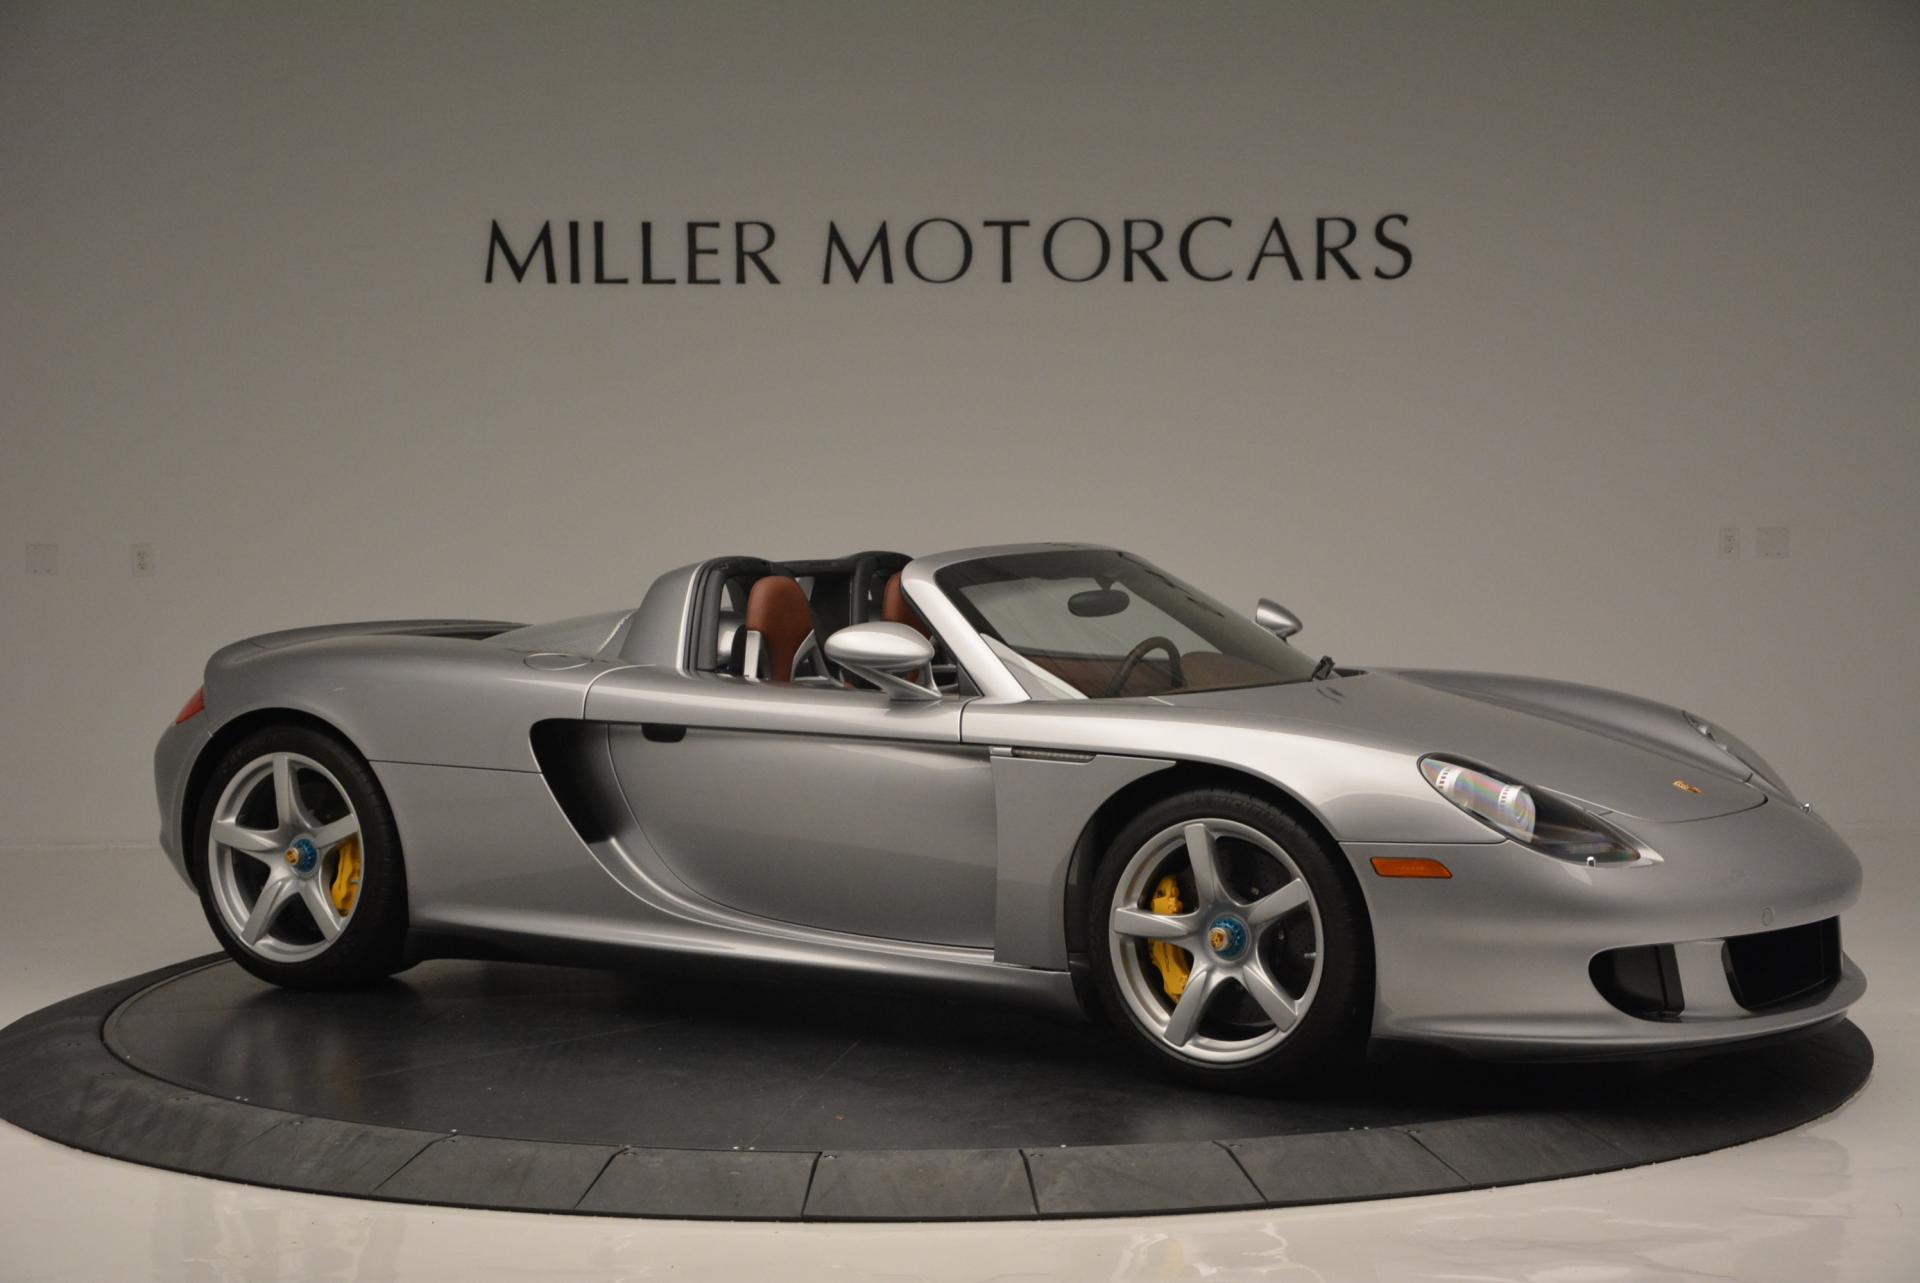 Used 2005 Porsche Carrera GT  For Sale In Greenwich, CT. Alfa Romeo of Greenwich, 7114 108_p16